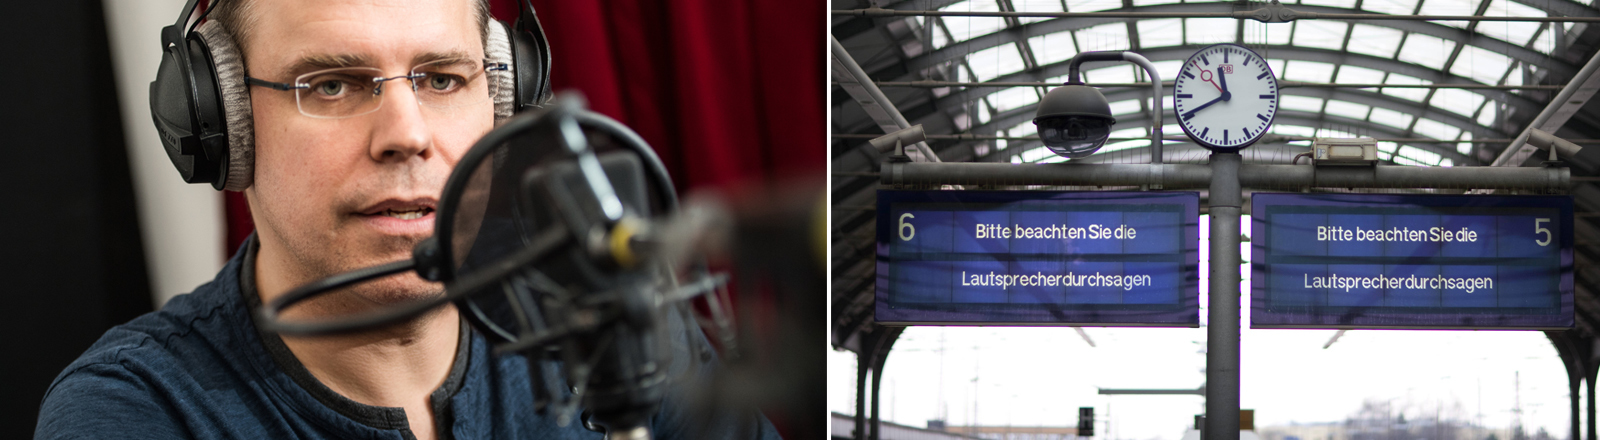 Heiko Grauel, Sprecher Deutsche Bahn, Bahnhof Halle